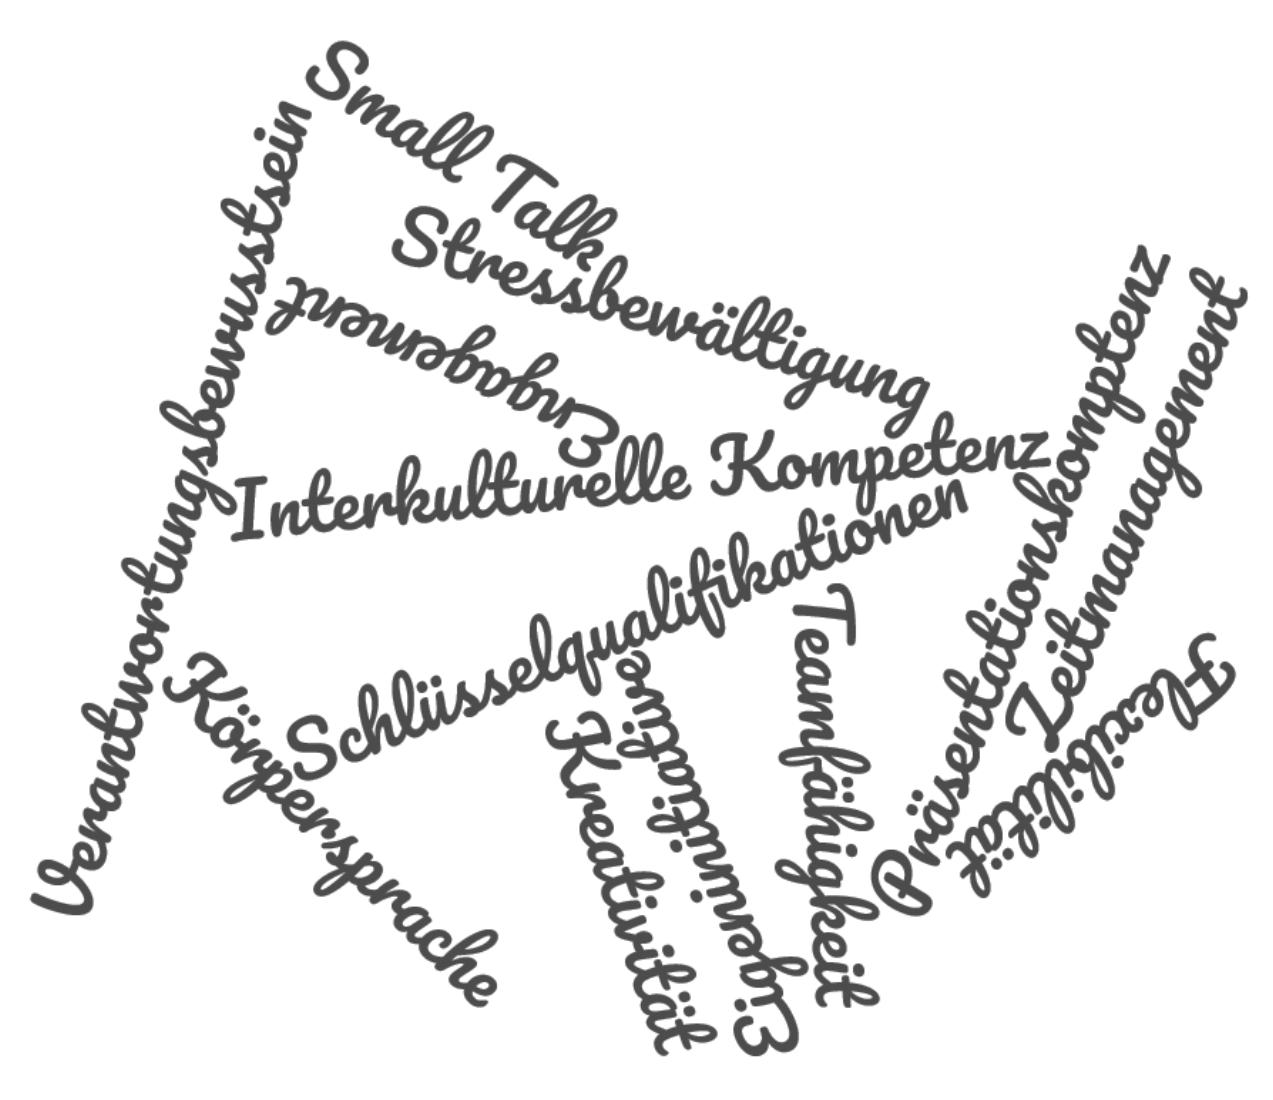 P-Seminar Job – Beruf – Berufung? Soft Skills – Schlüsselqualifikationen